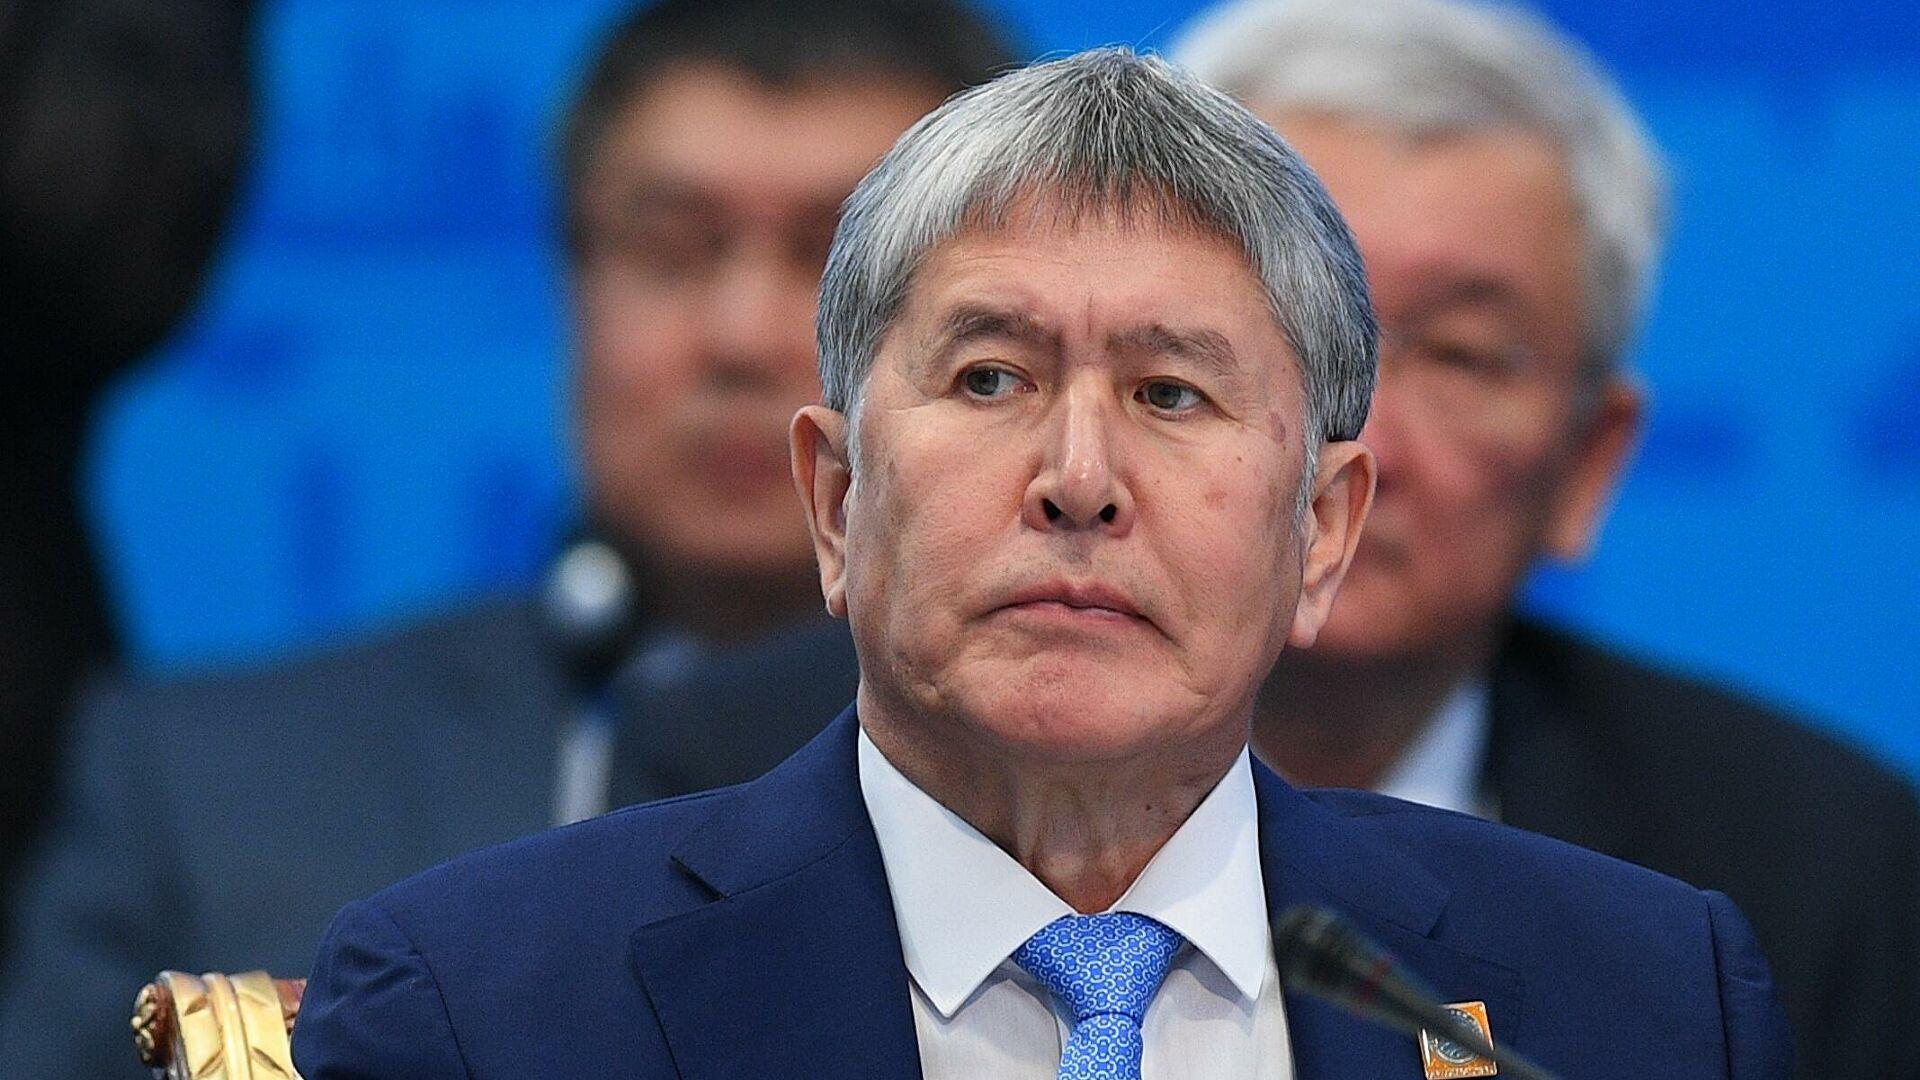 Був затриманий екс-президент Киргизії Алмазбек Атамбаєв – фото